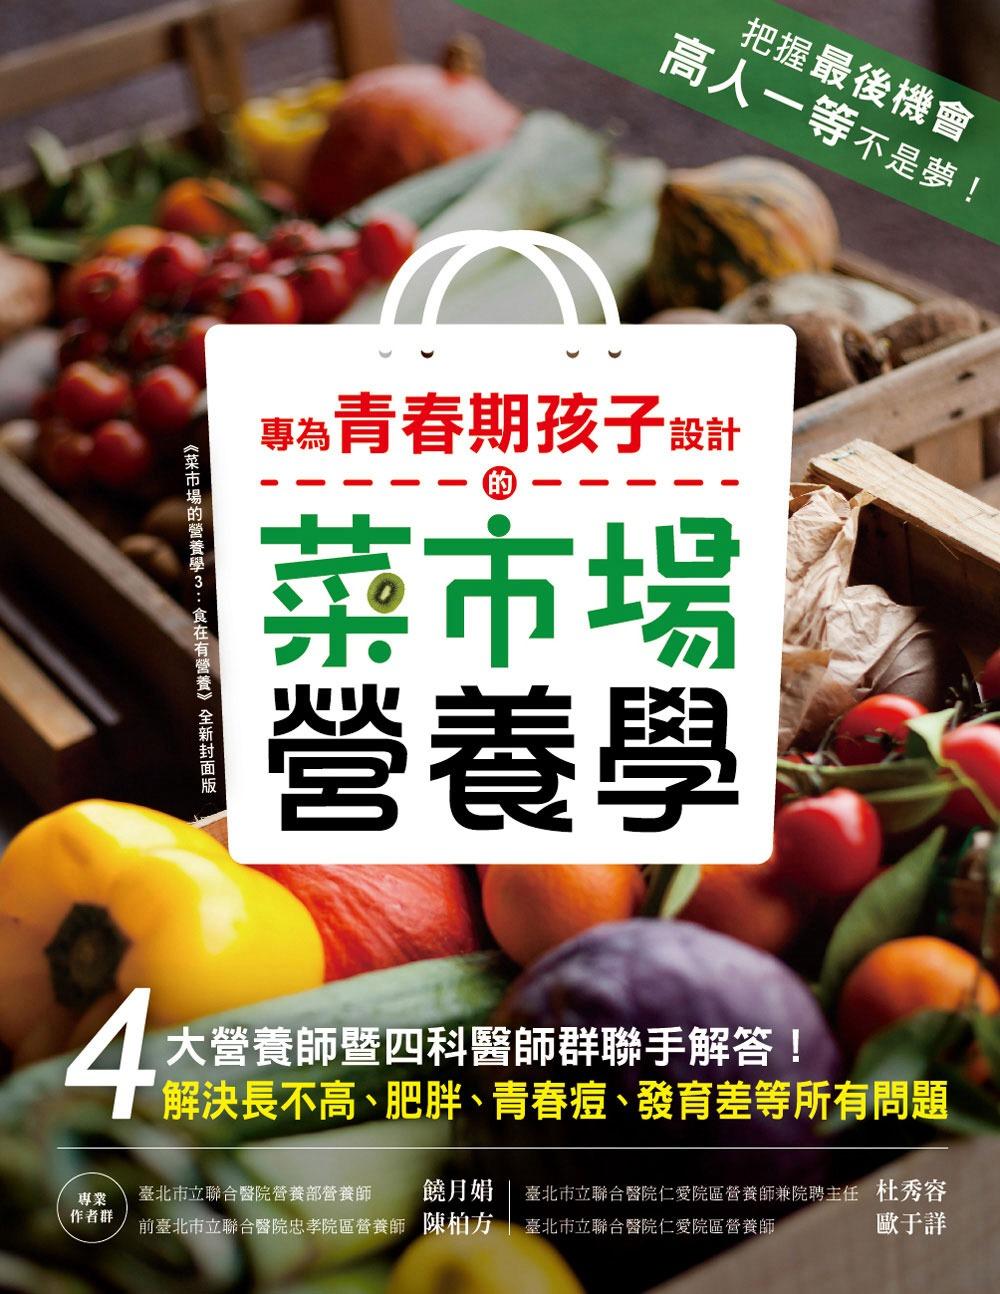 專為青春期孩子設計的菜市場營養學:4大營養師聯手解決長不高、肥胖、青春痘、發育差等所有問題!